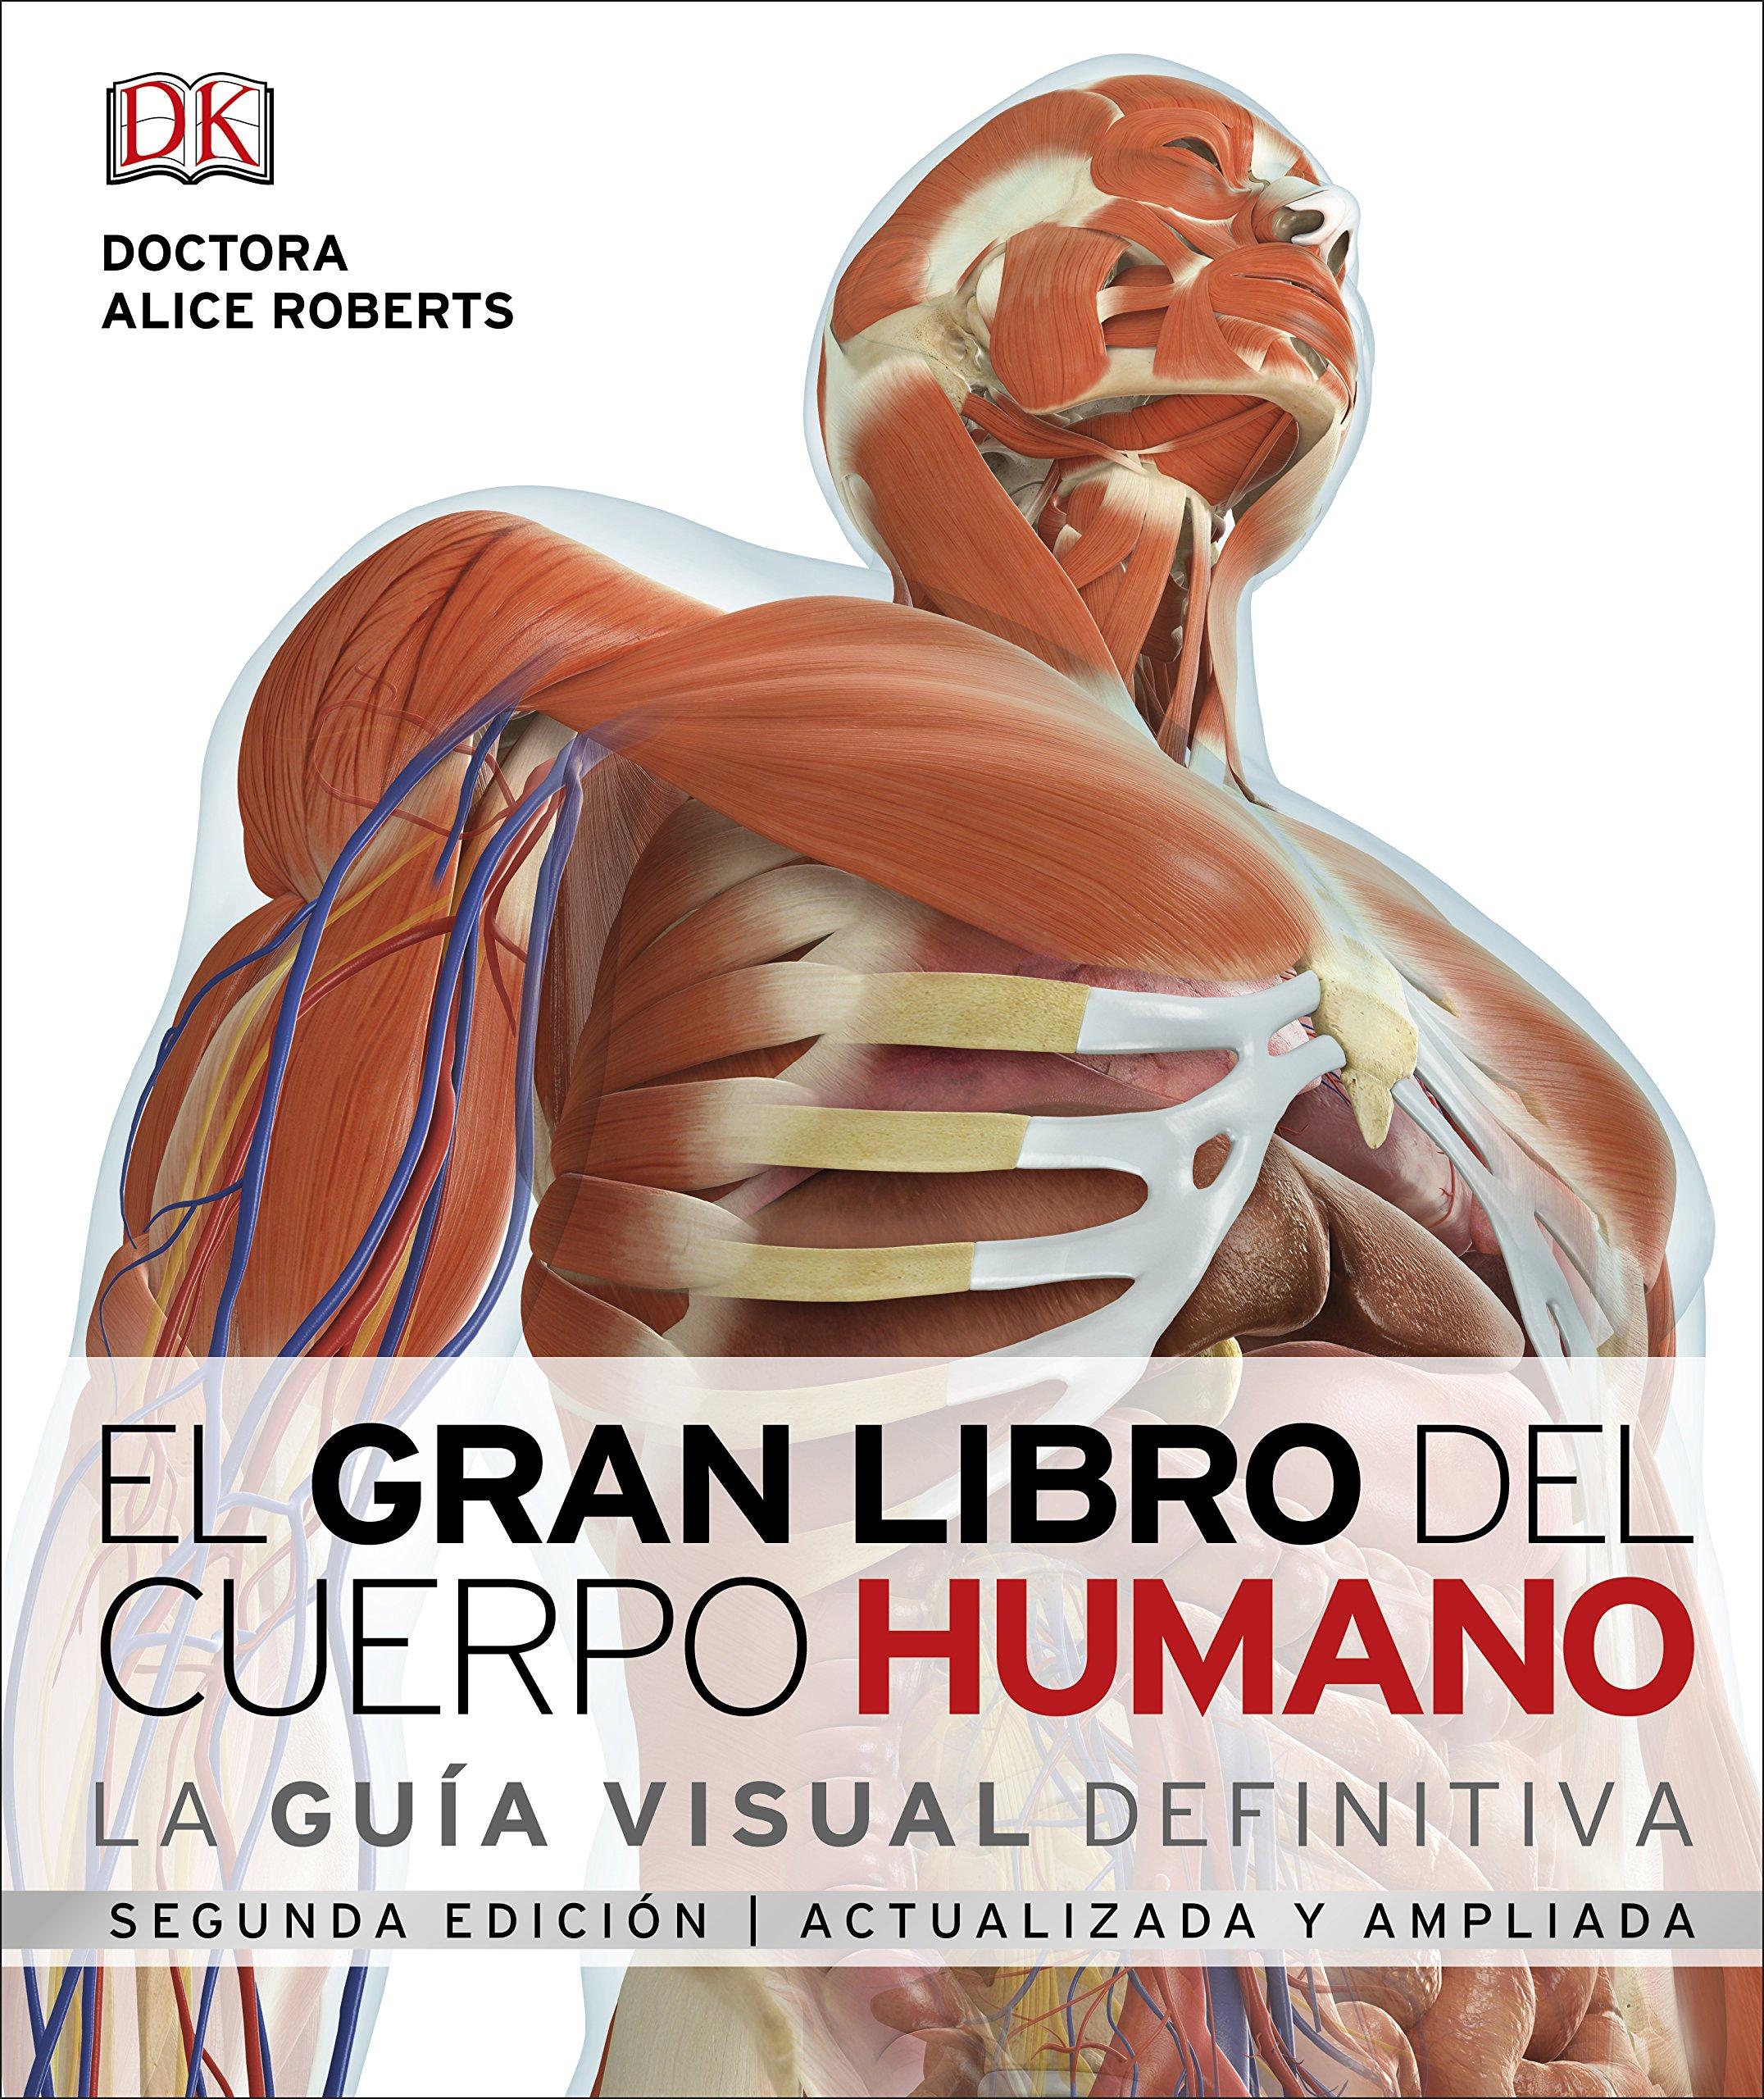 El gran libro del cuerpo humano.: La guía visual definitiva actualizada y  ampliada,